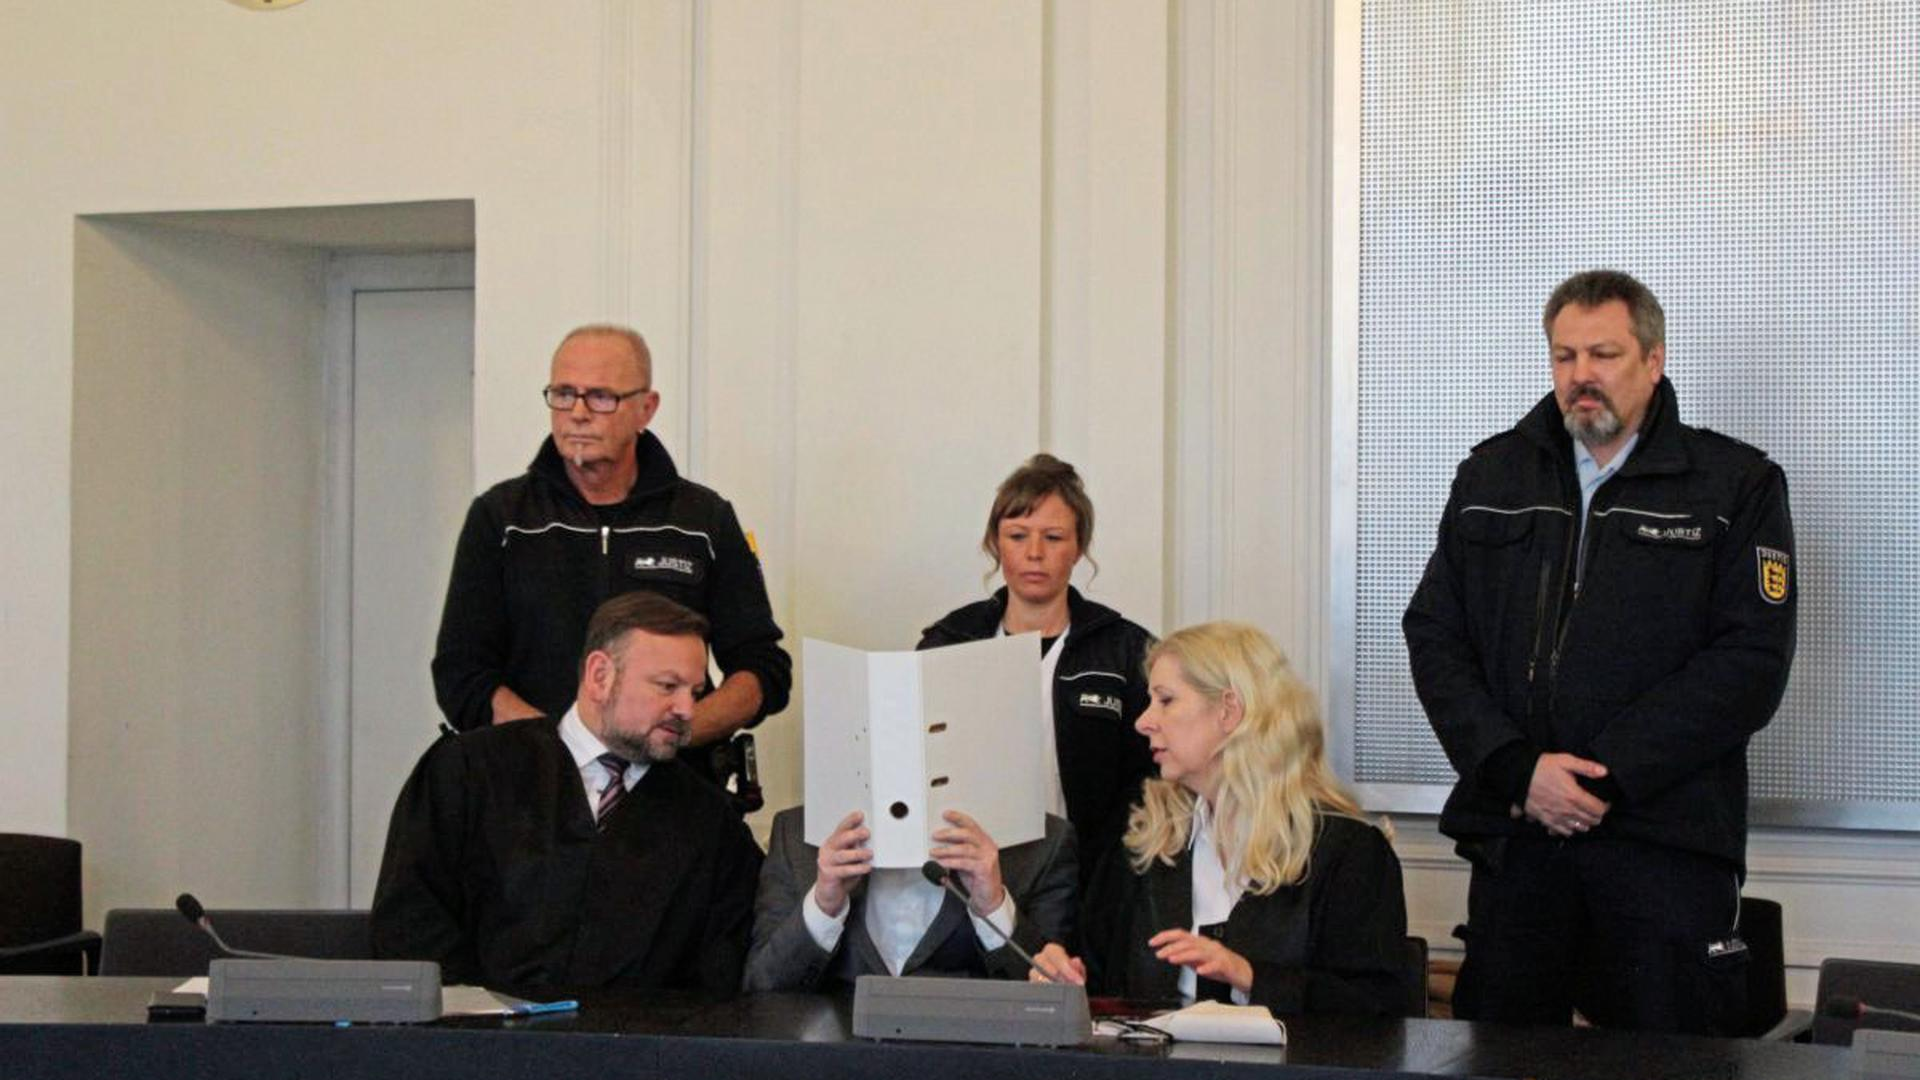 Der Familienvater, der in Tiefenbronn-Mühlhausen seine Frau und seinen Sohn erstochen hat, ist am Dienstag freigesprochen worden. Er wird aber in einem psychiatrischem Krankenhaus untergebracht.